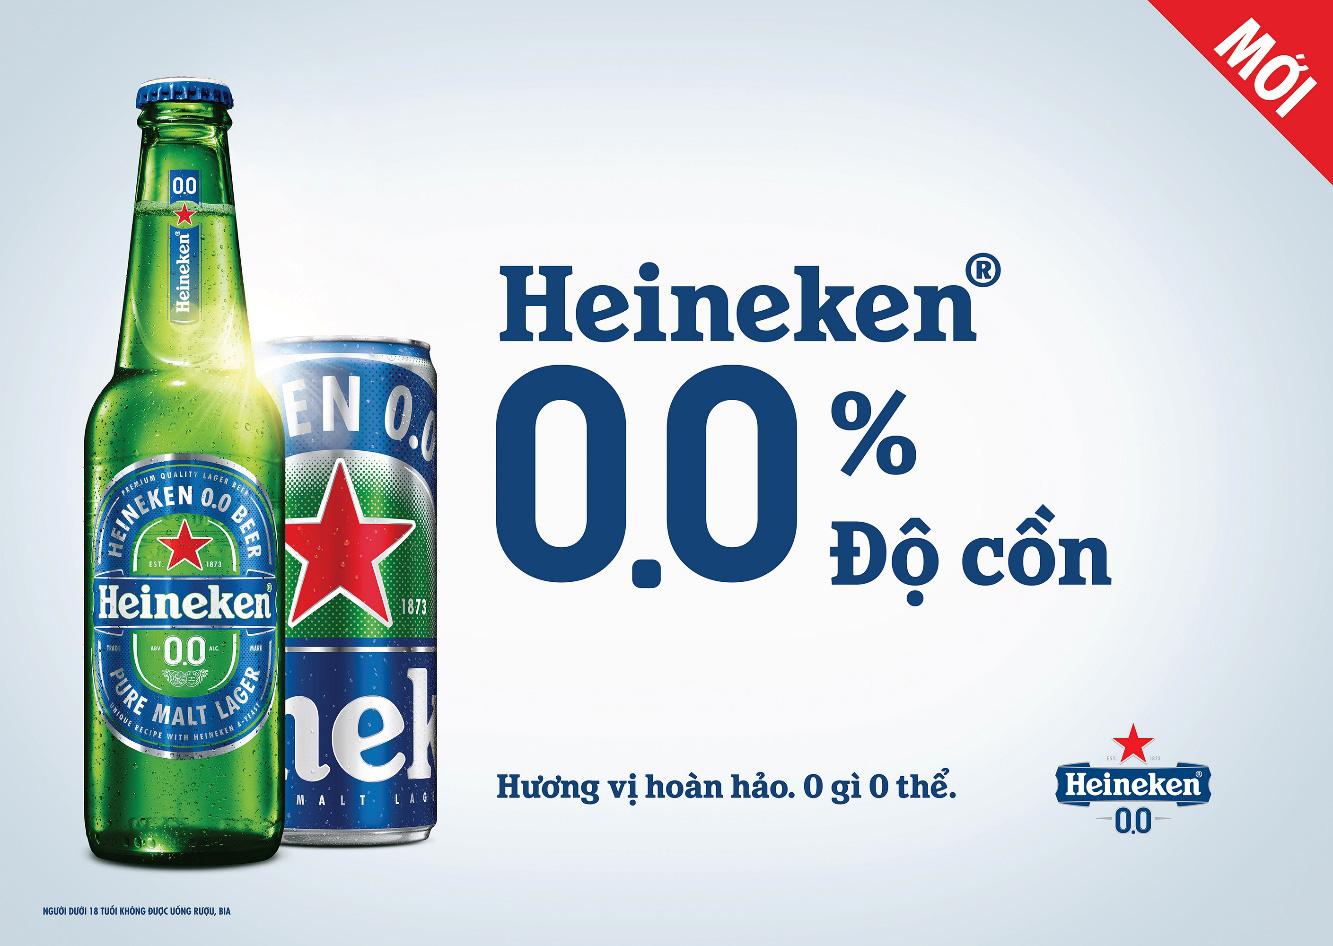 Heineken ra mắt bia 0 độ, truyền cảm hứng đến giới trẻ Việt qua chiến dịch #NowYouCan - Không Gì Không Thể - Ảnh 1.